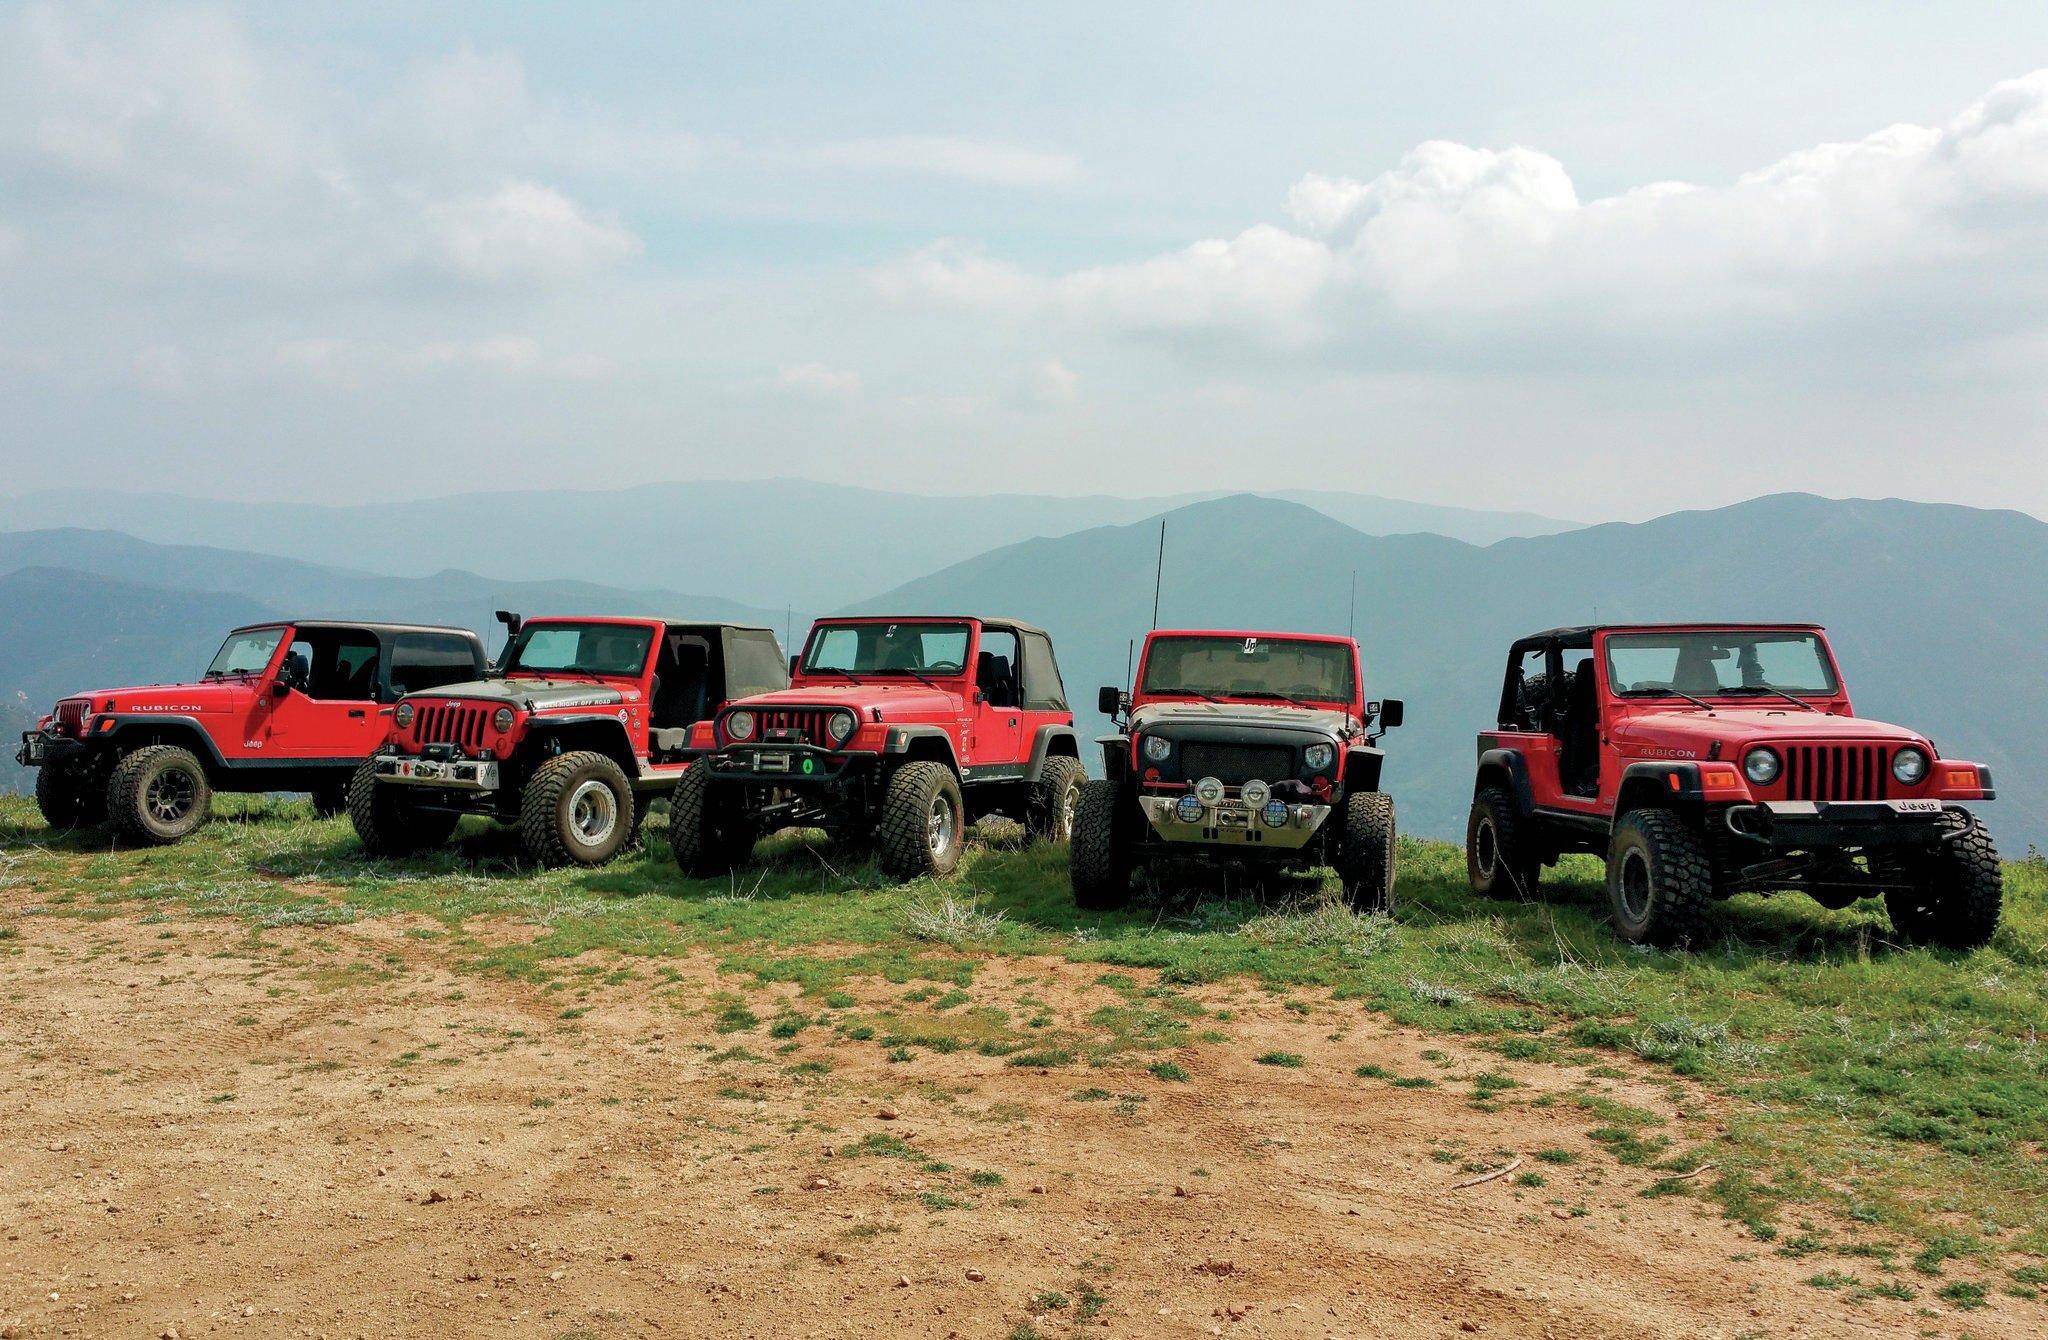 fleet of jeeps ready for wheeling